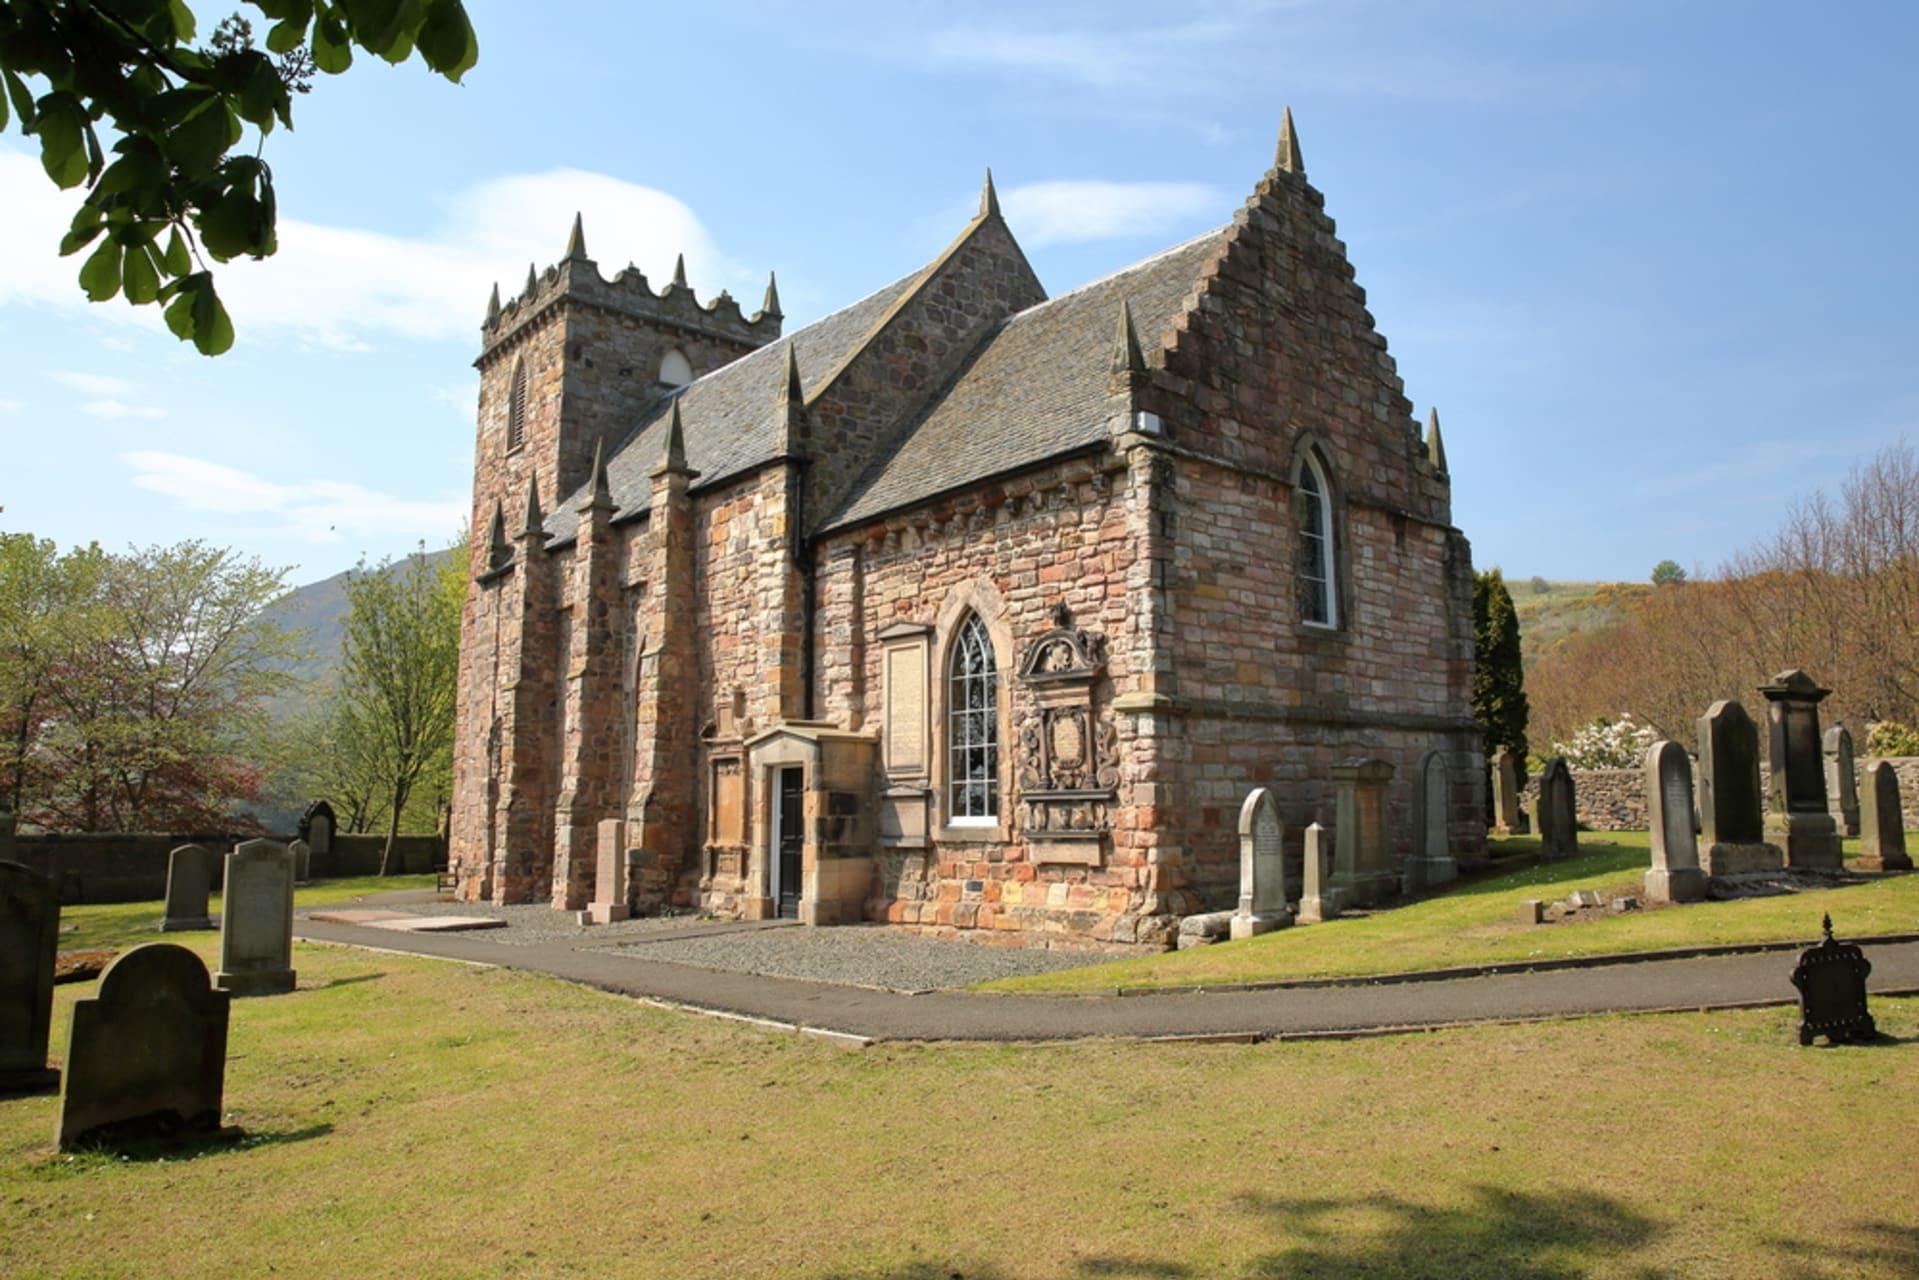 Edinburgh - Duddingston Village: An Edinburgh Hidden Gem